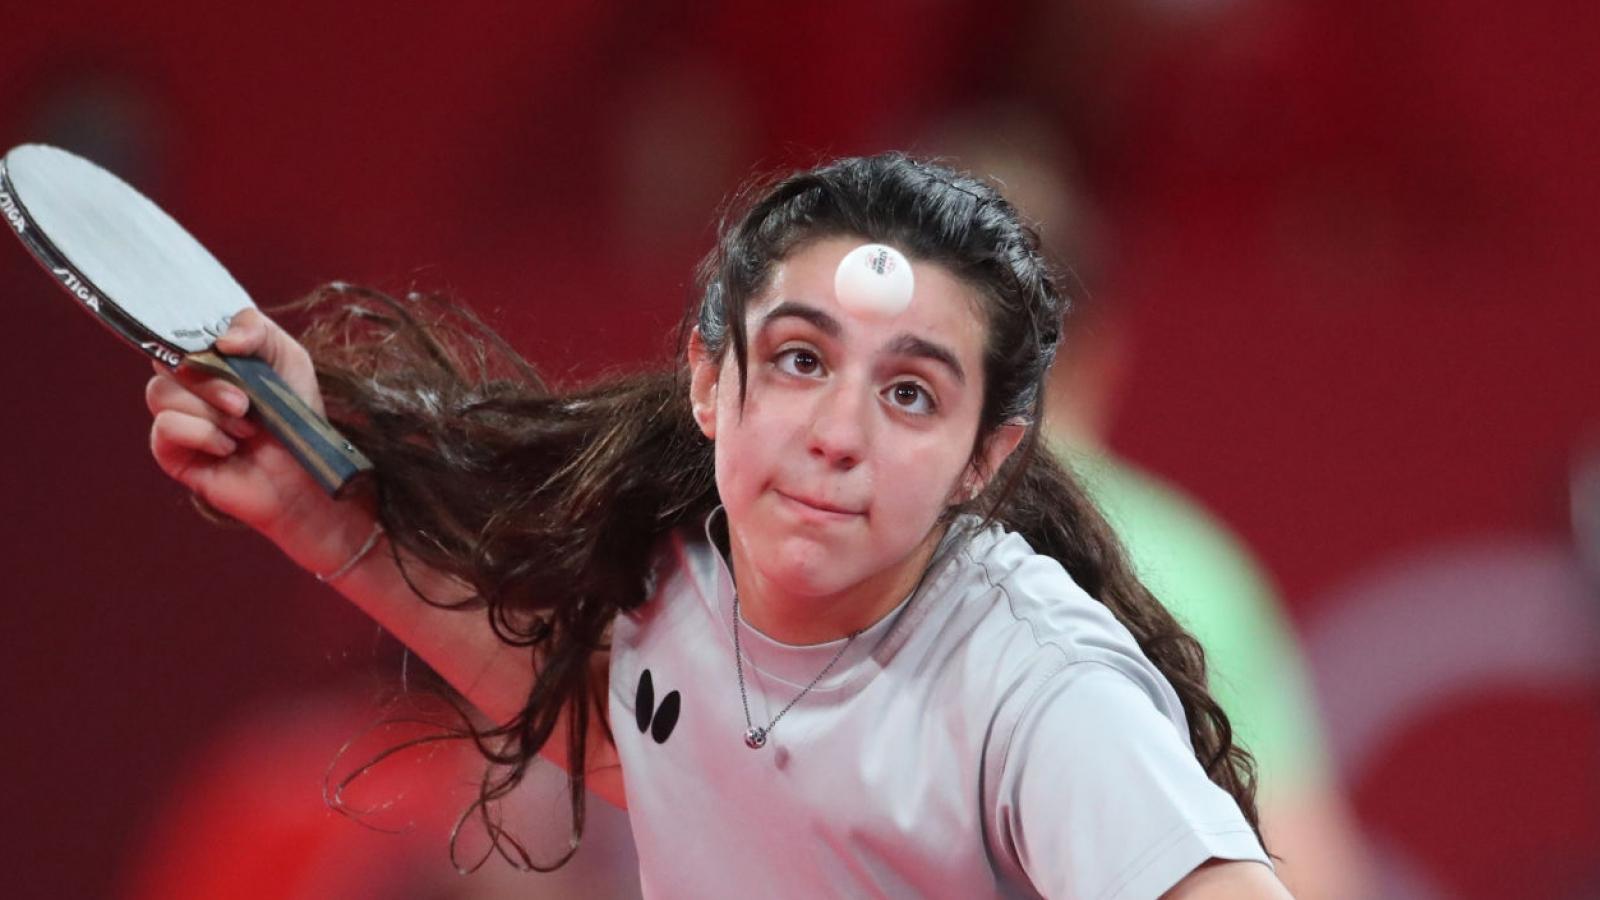 VĐV trẻ nhất Olympic Tokyo 2020 nói lời chia tay giải đấu